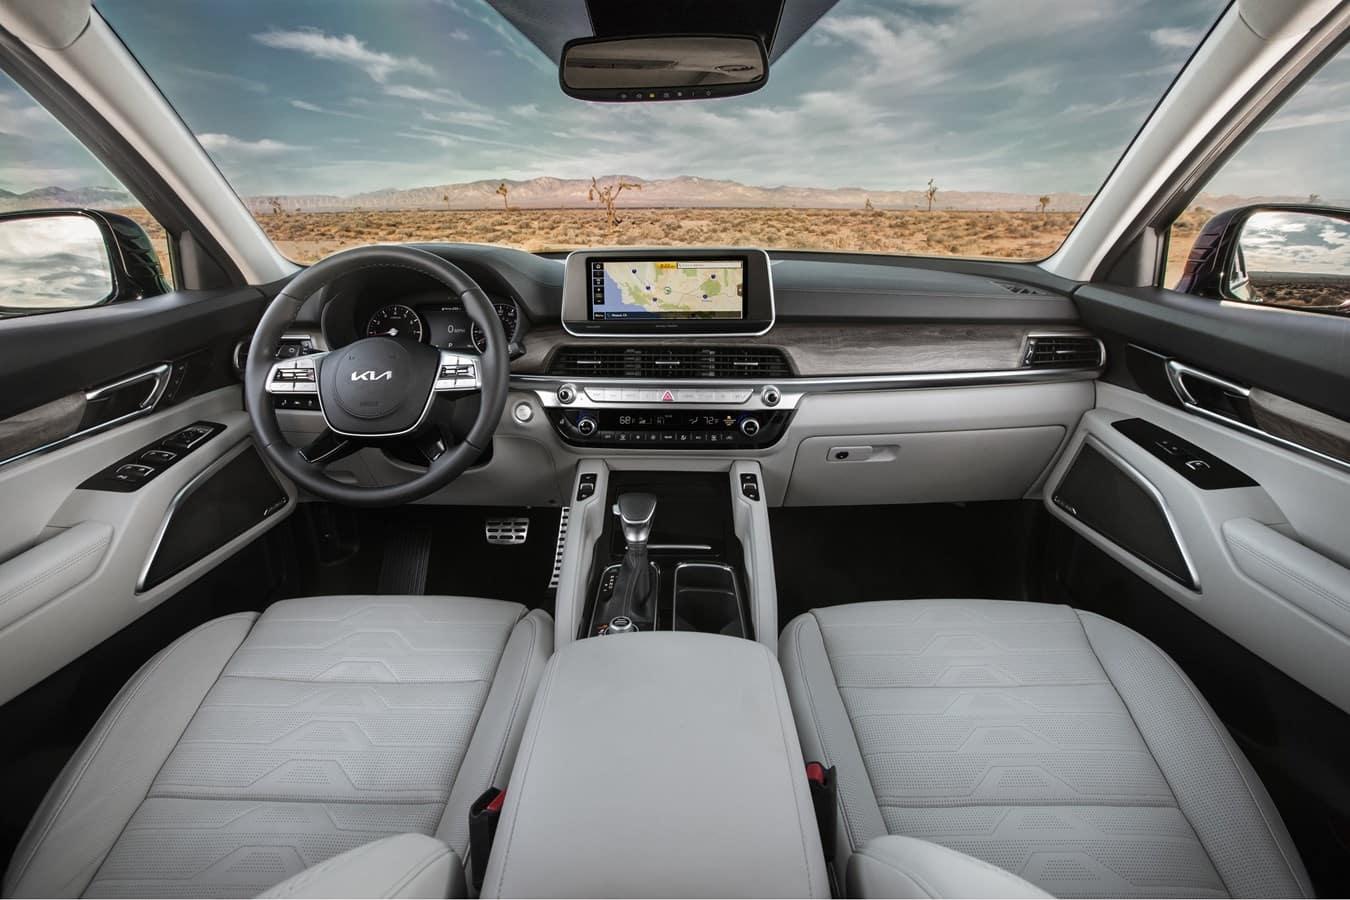 2022 Kia Telluride interior Cowboy Kia